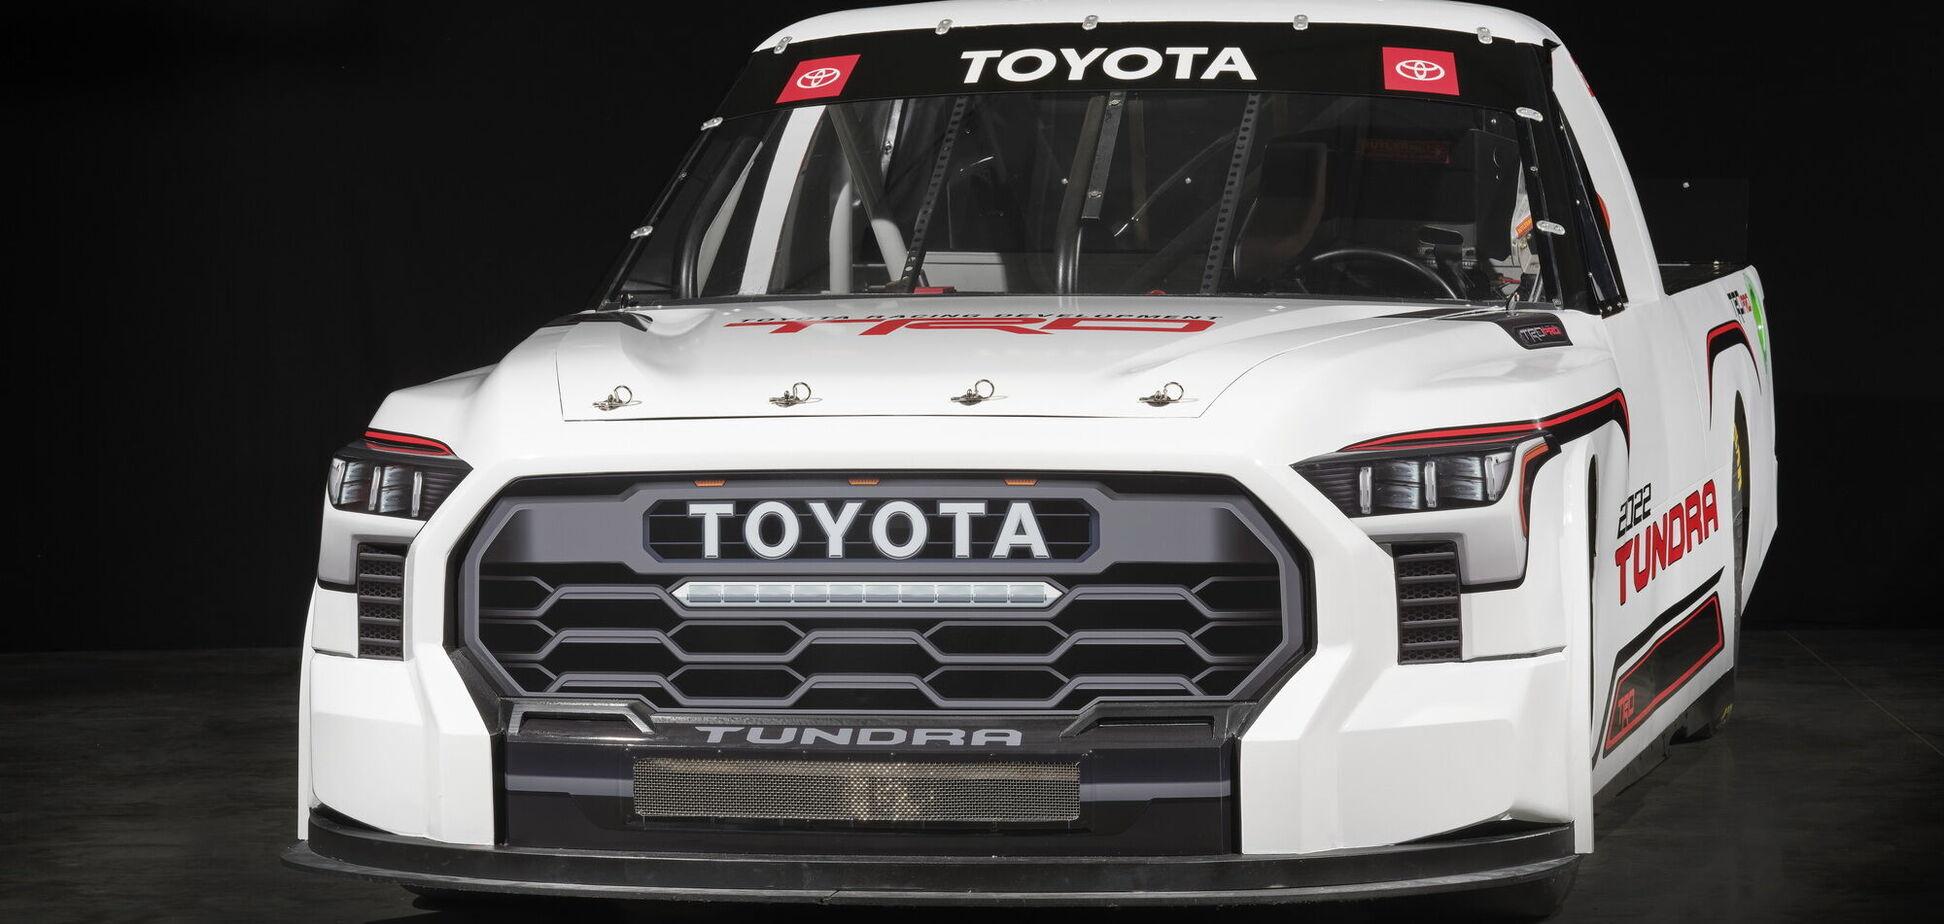 В Лас-Вегасе представили гоночный пикап Toyota Tundra